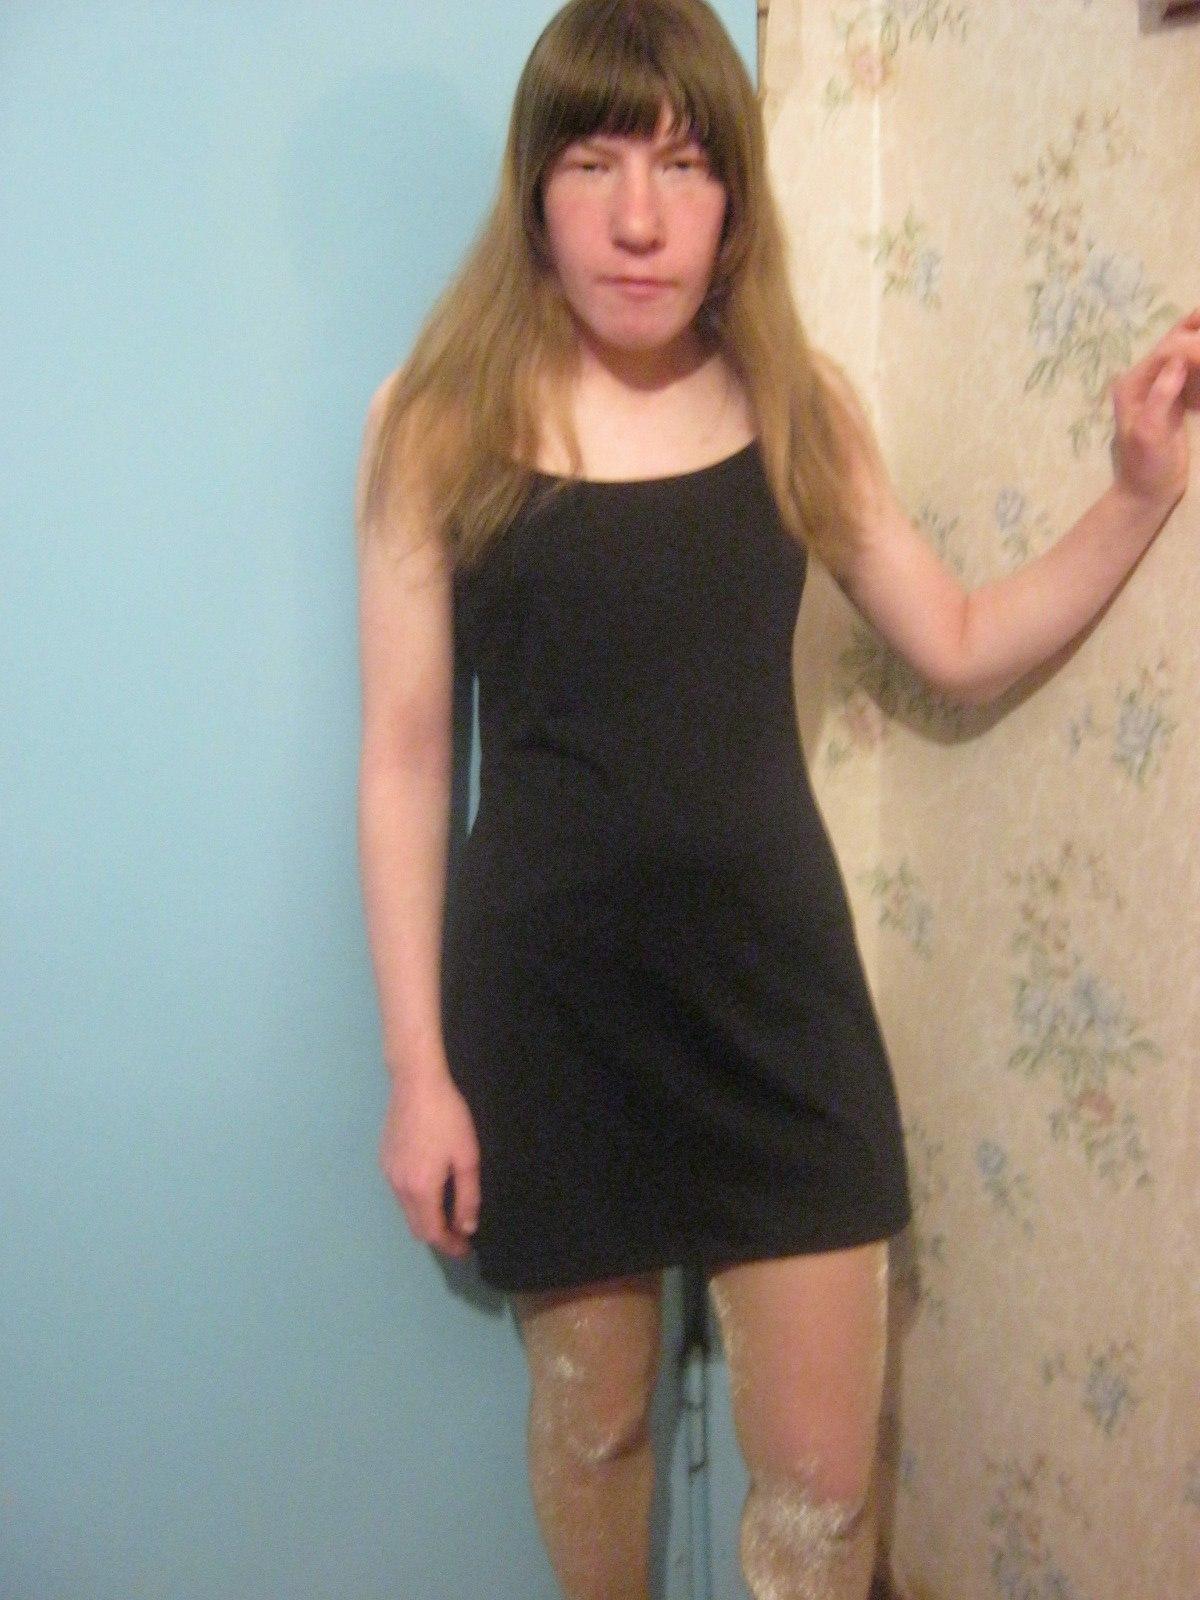 Фото некрасивых девушек в контакте раком 9 фотография